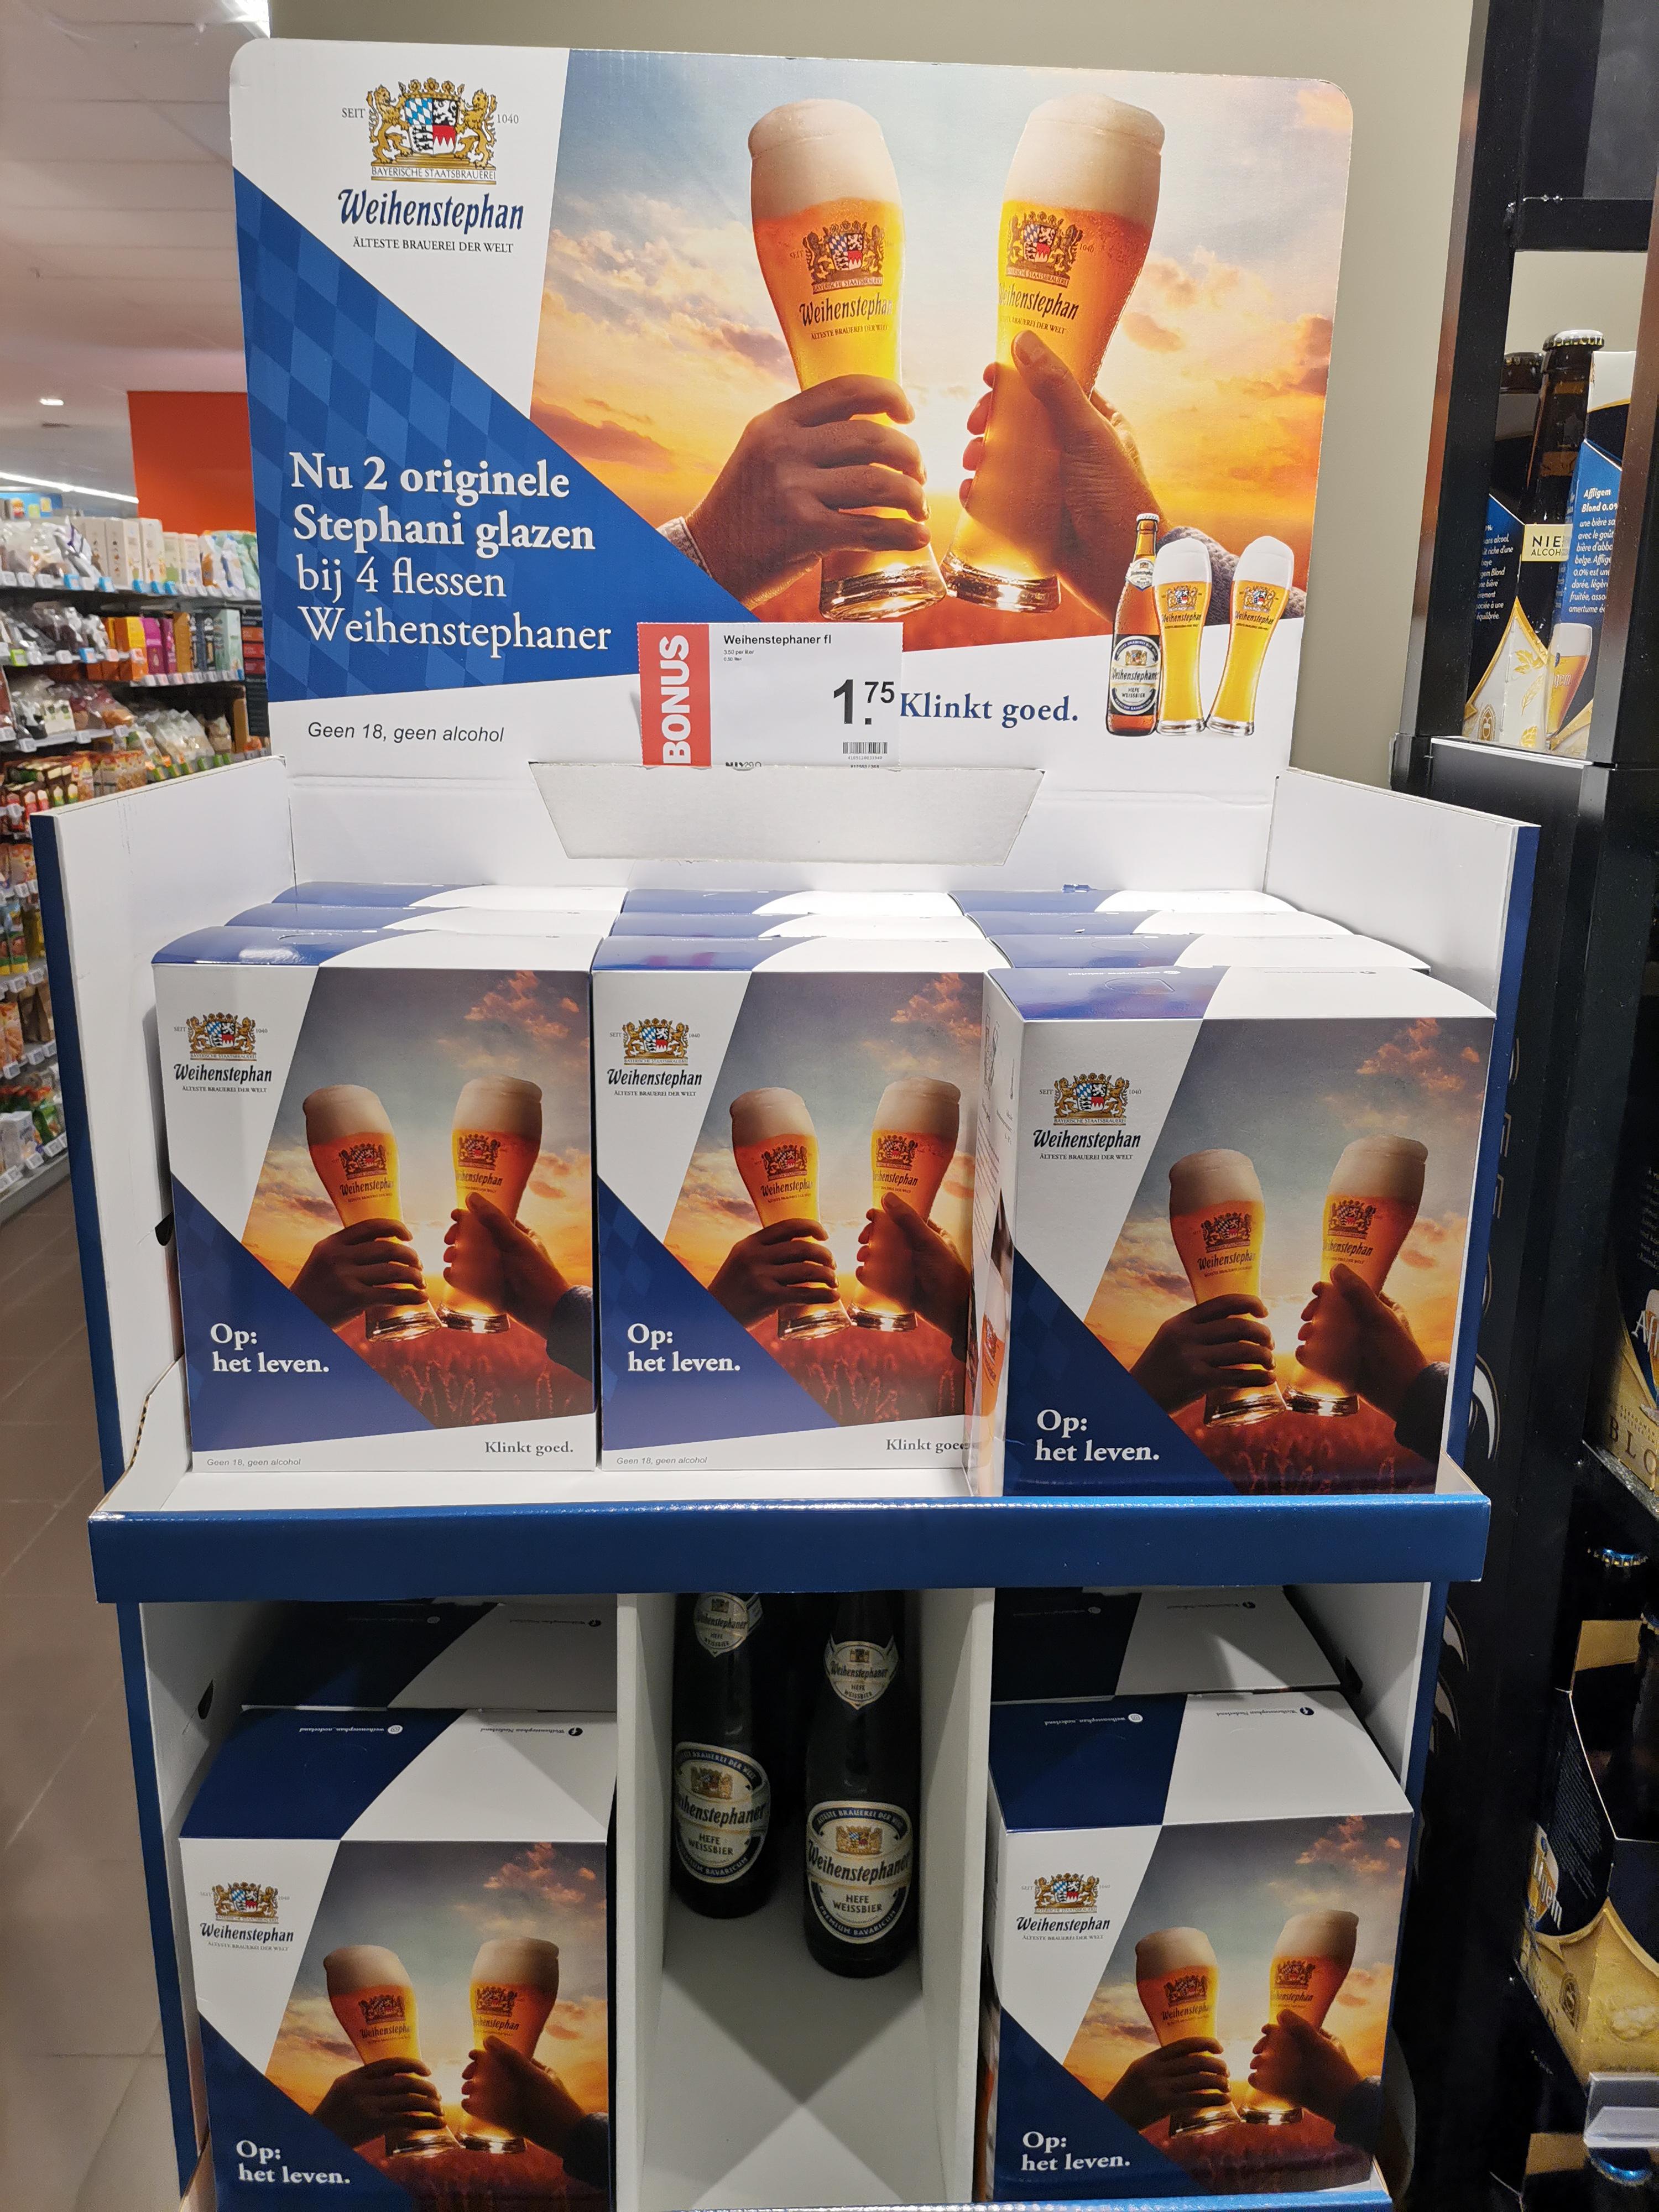 2 gratis Weihenstephaner glazen bij 4 flesjes @ AH